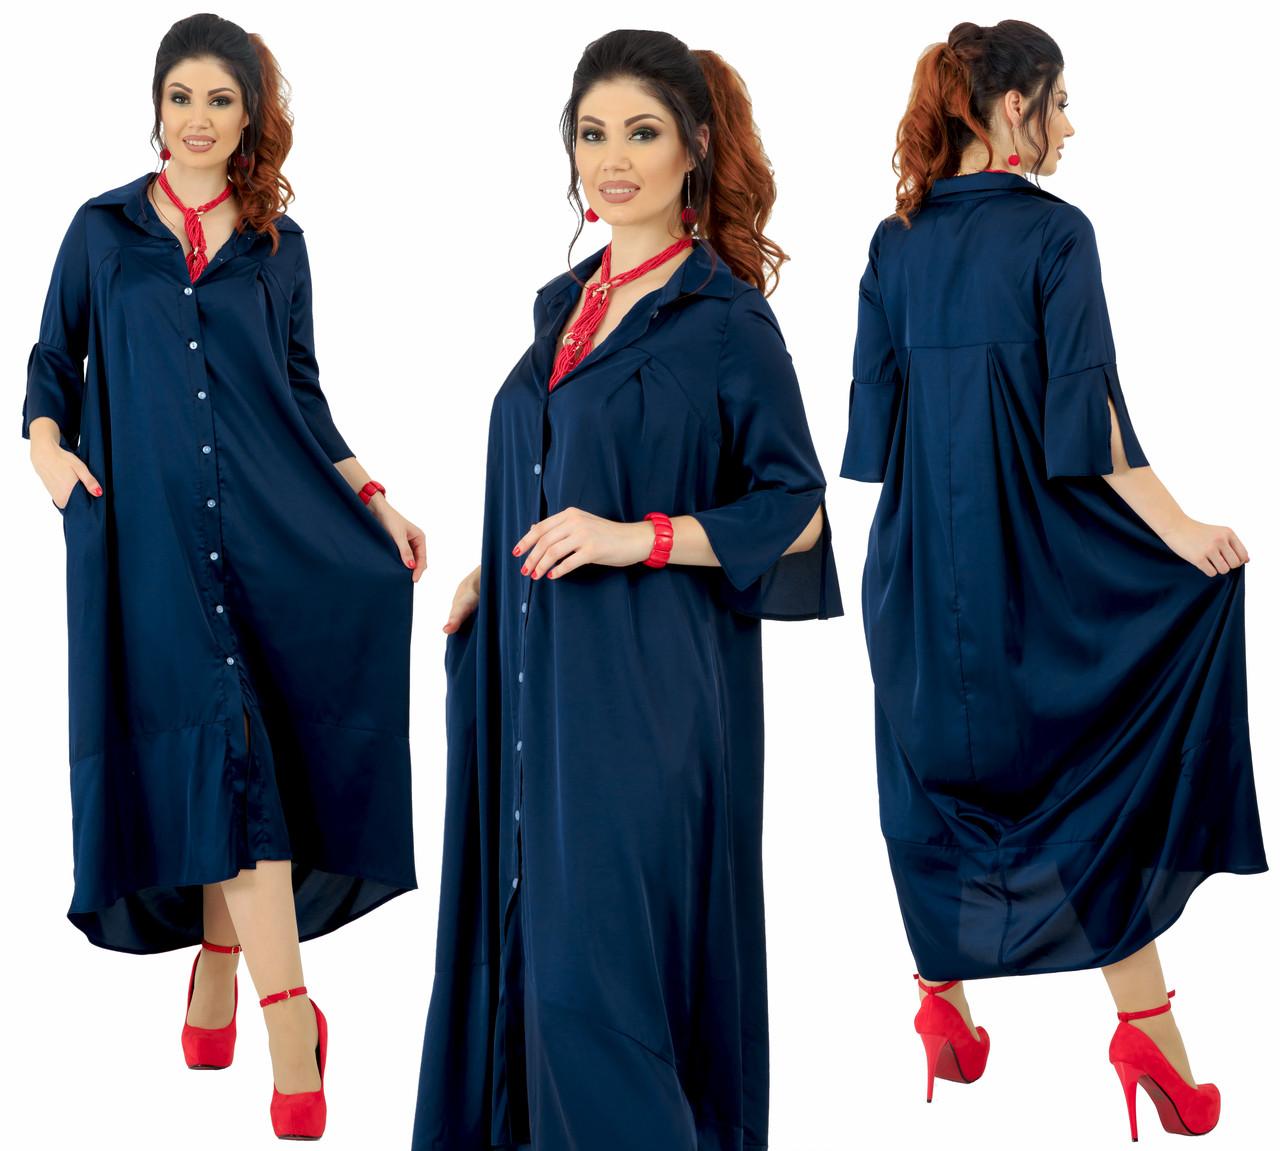 """Платье рубашка """"Эммануэль""""больших размеров от 48 до 54 асимметричного кроя код  92/89012"""